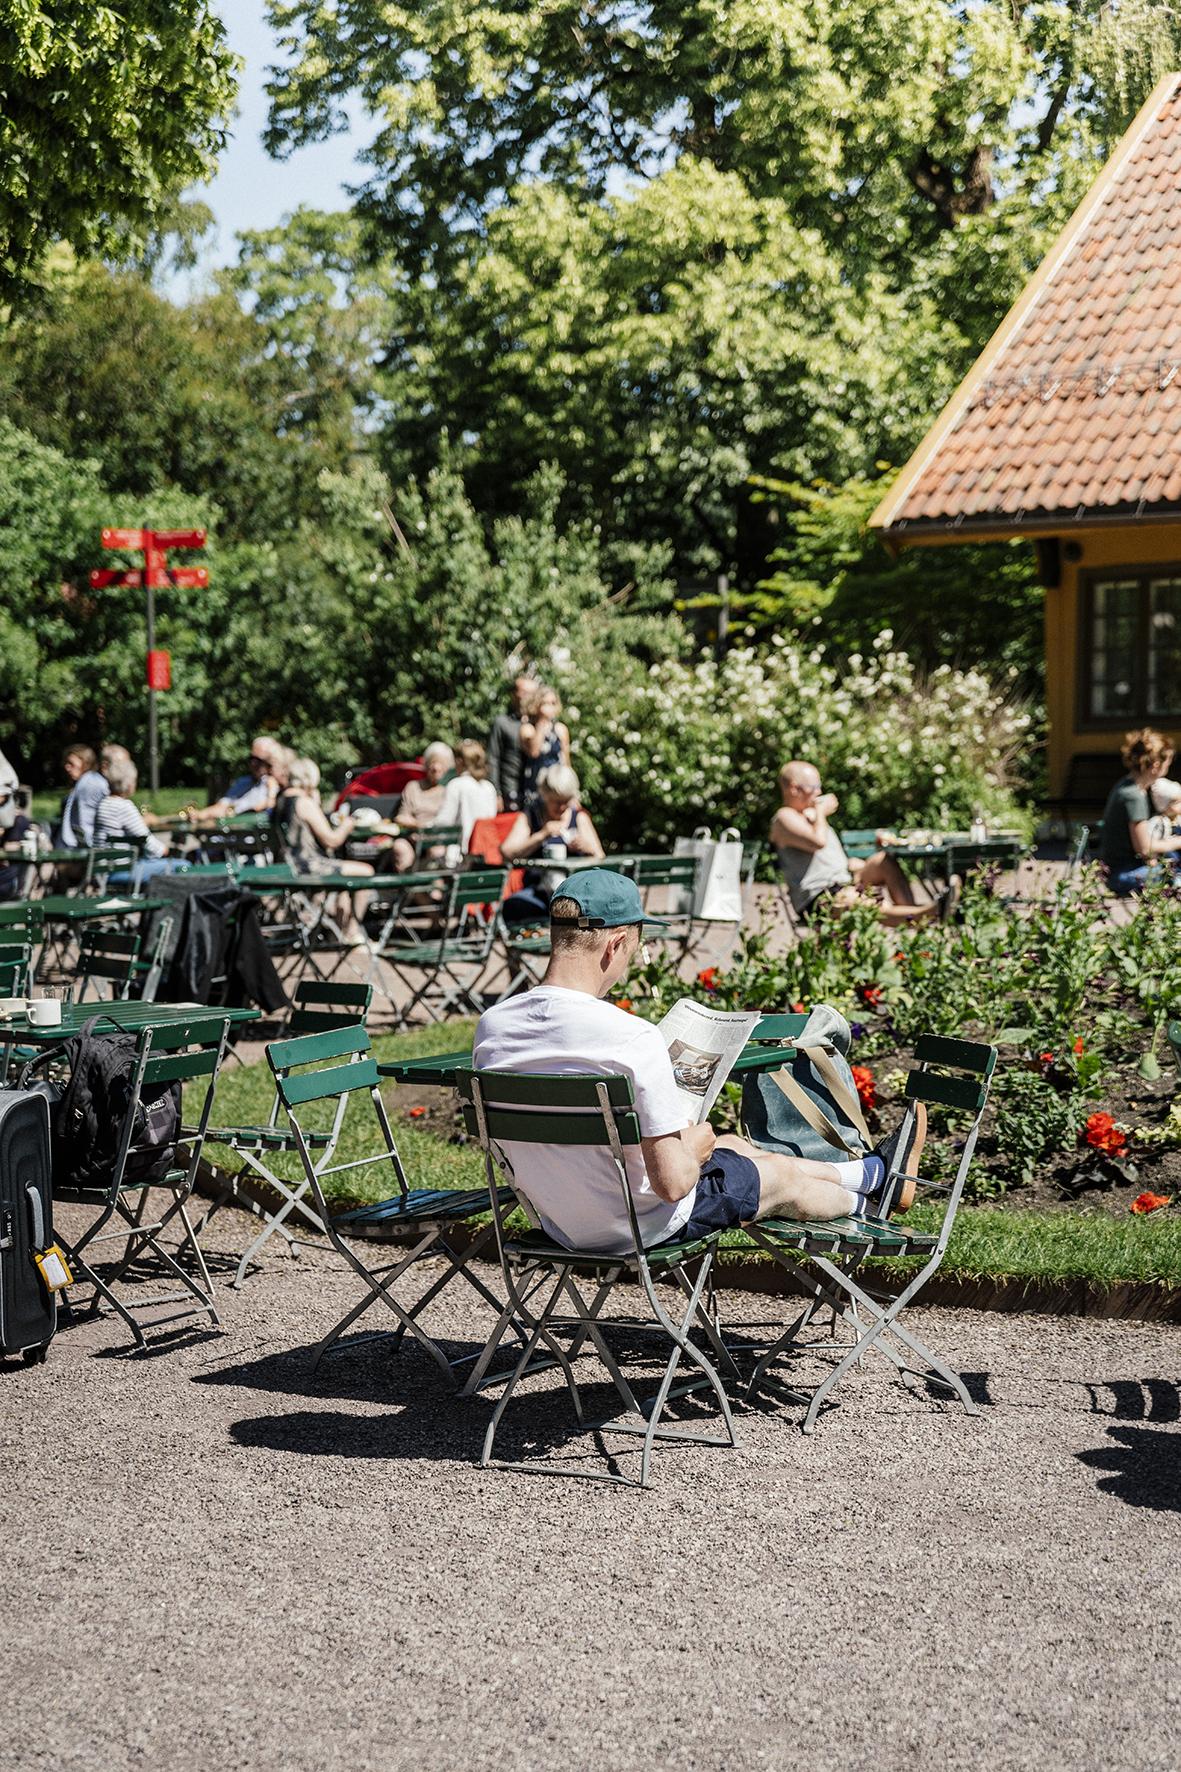 Handwerk-botaniskhage-uteplass-natur.jpg